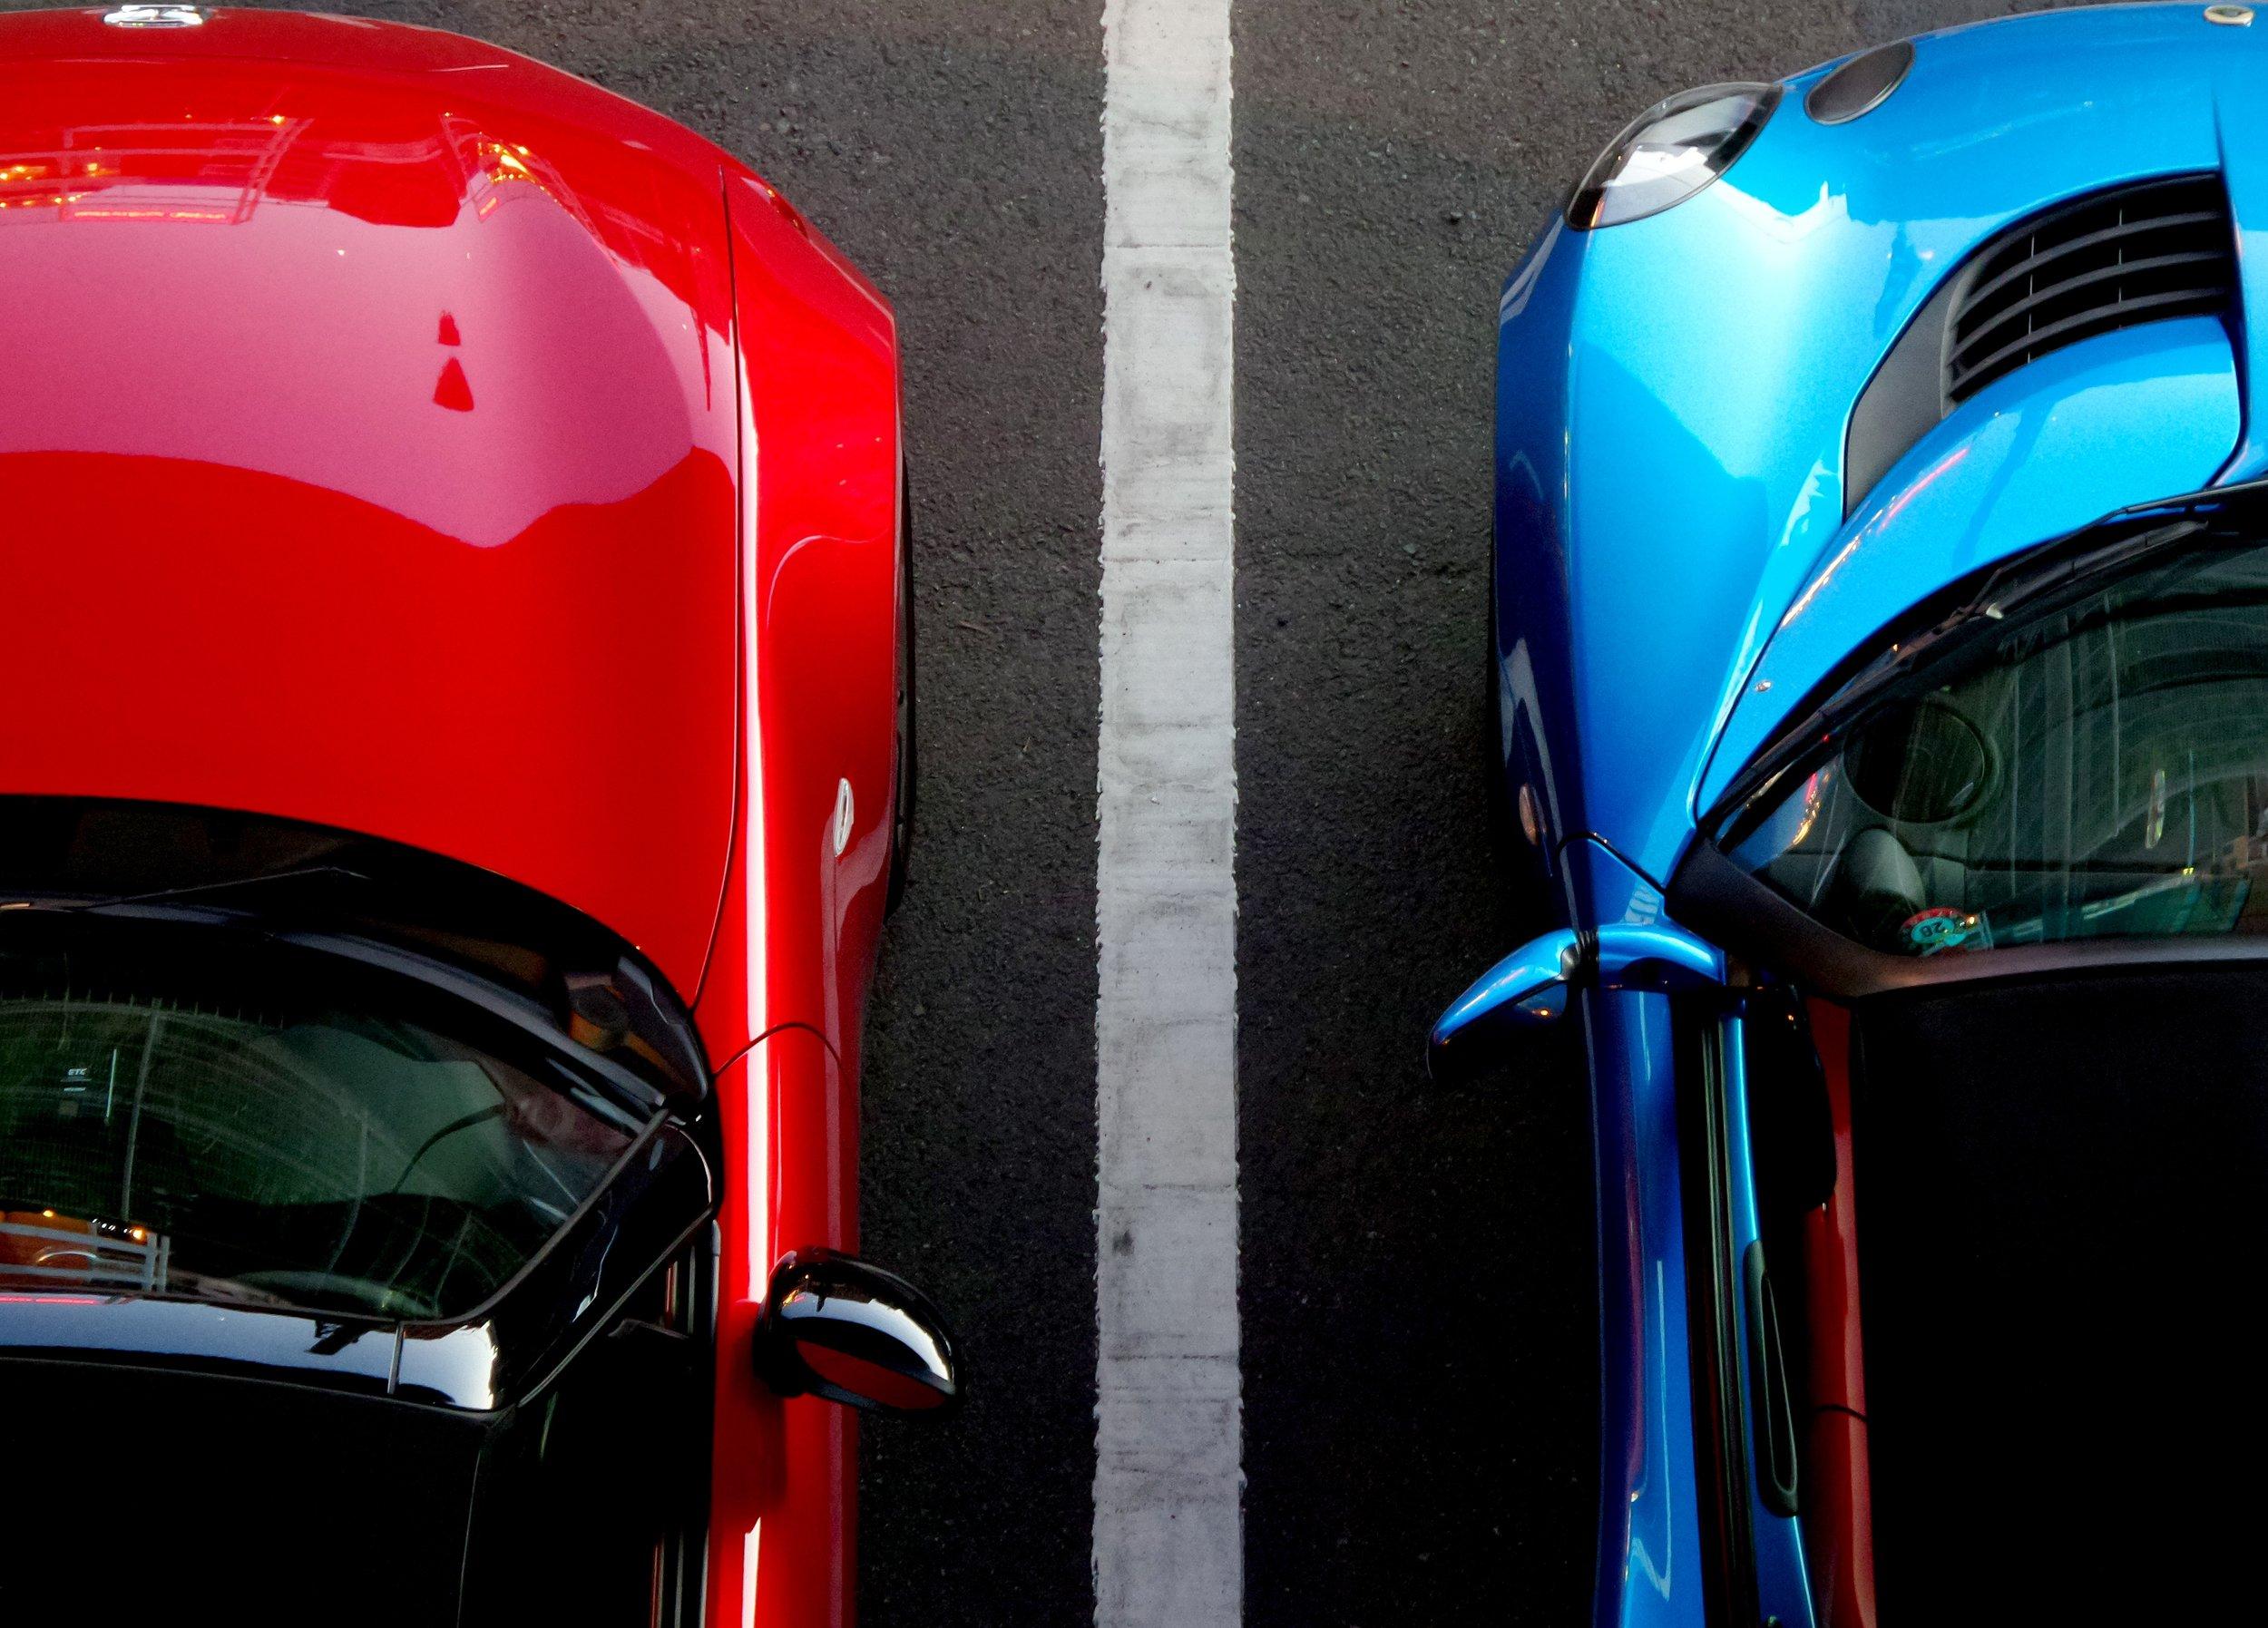 Parking (Description) -